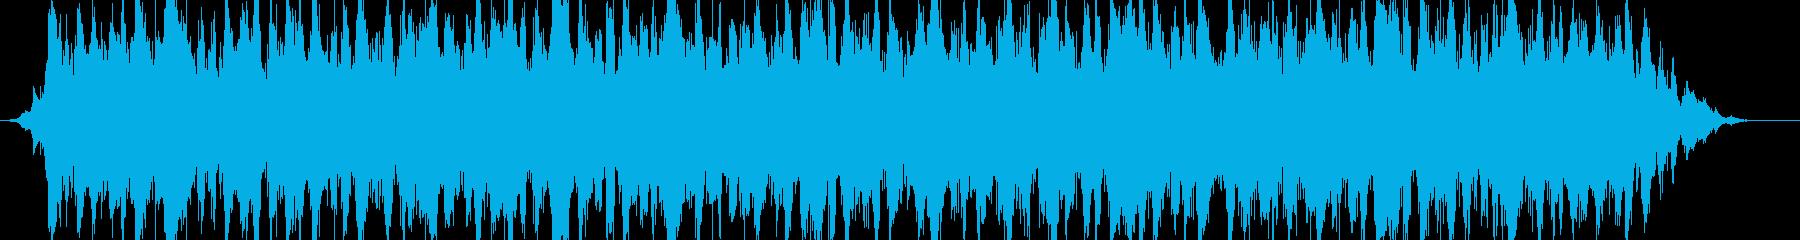 シネマミュージックサウンドBGMの再生済みの波形